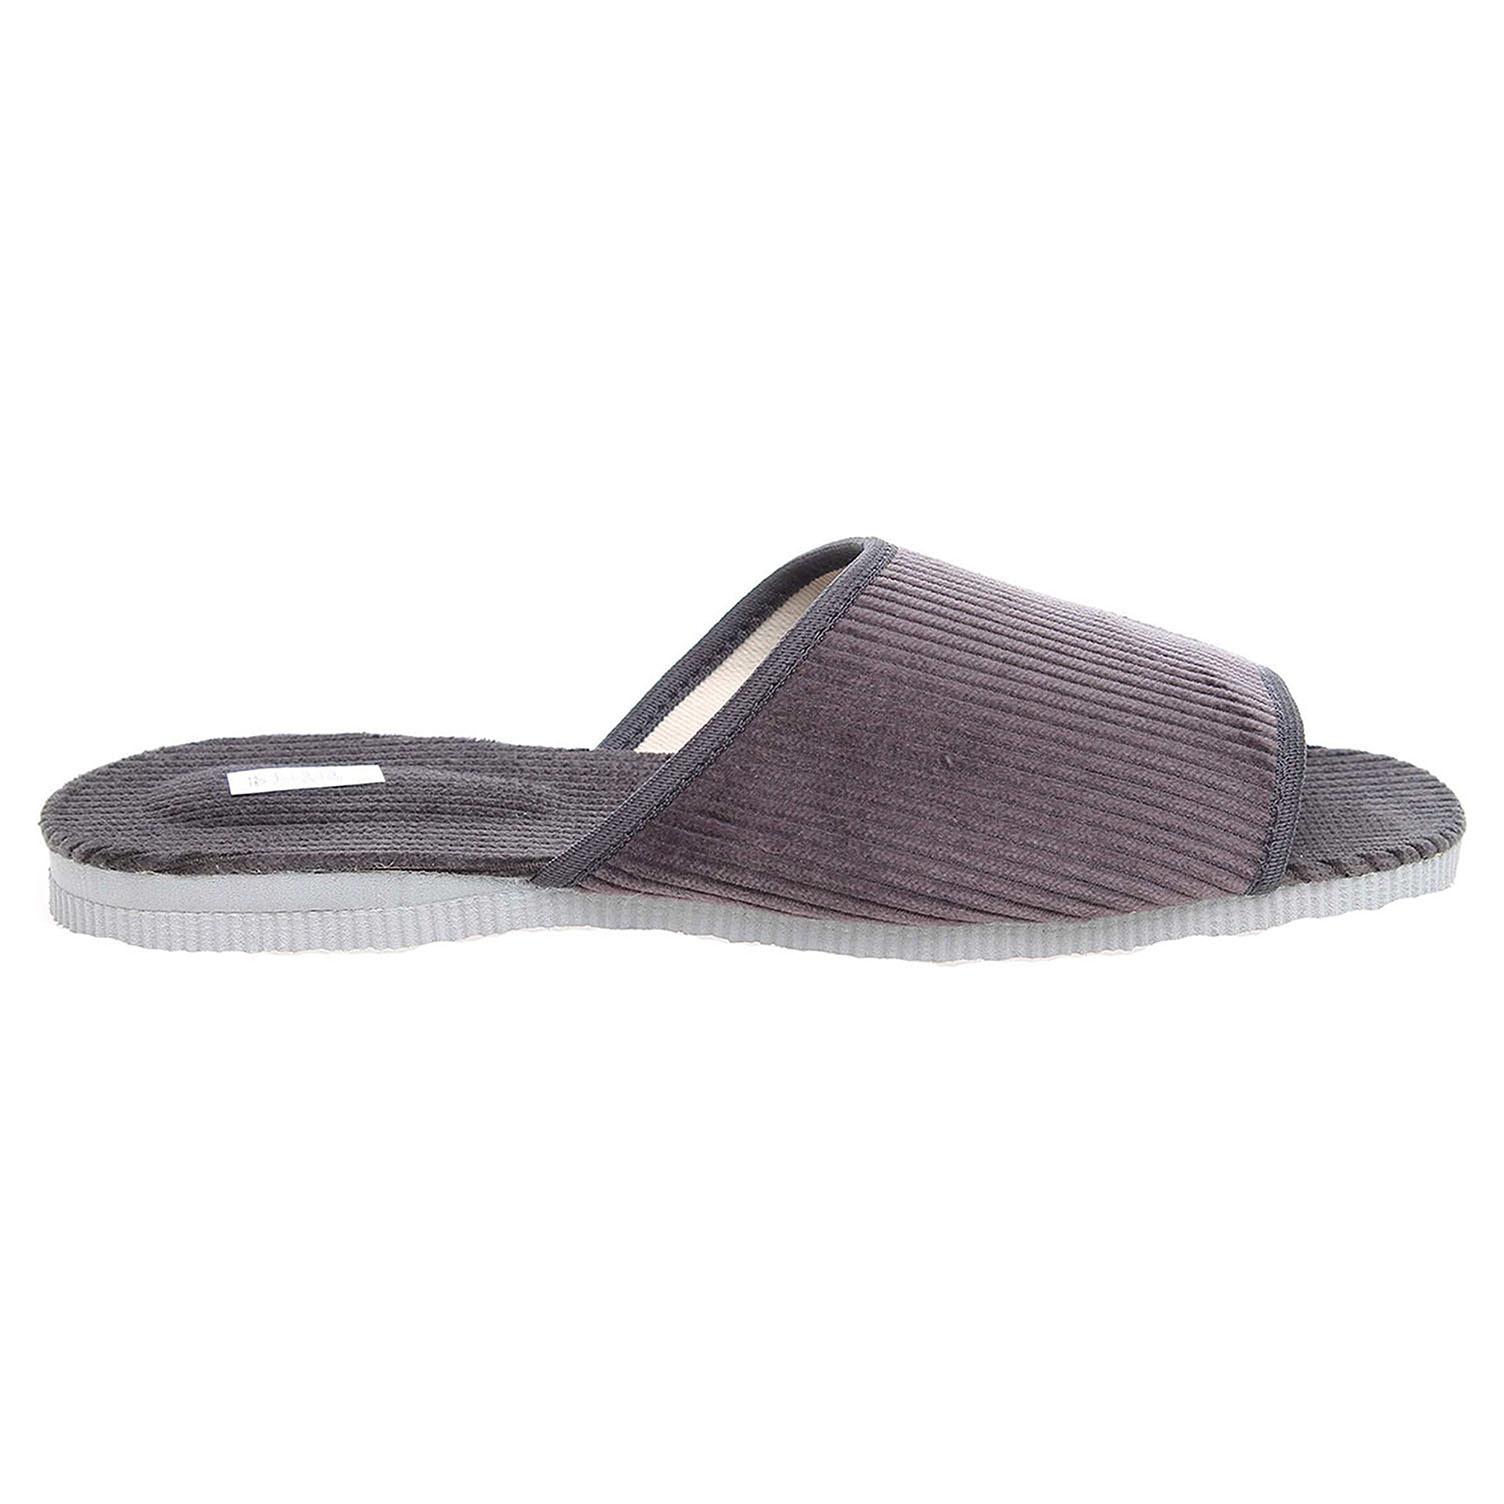 Pánské domácí pantofle 3009.00 šedé 41